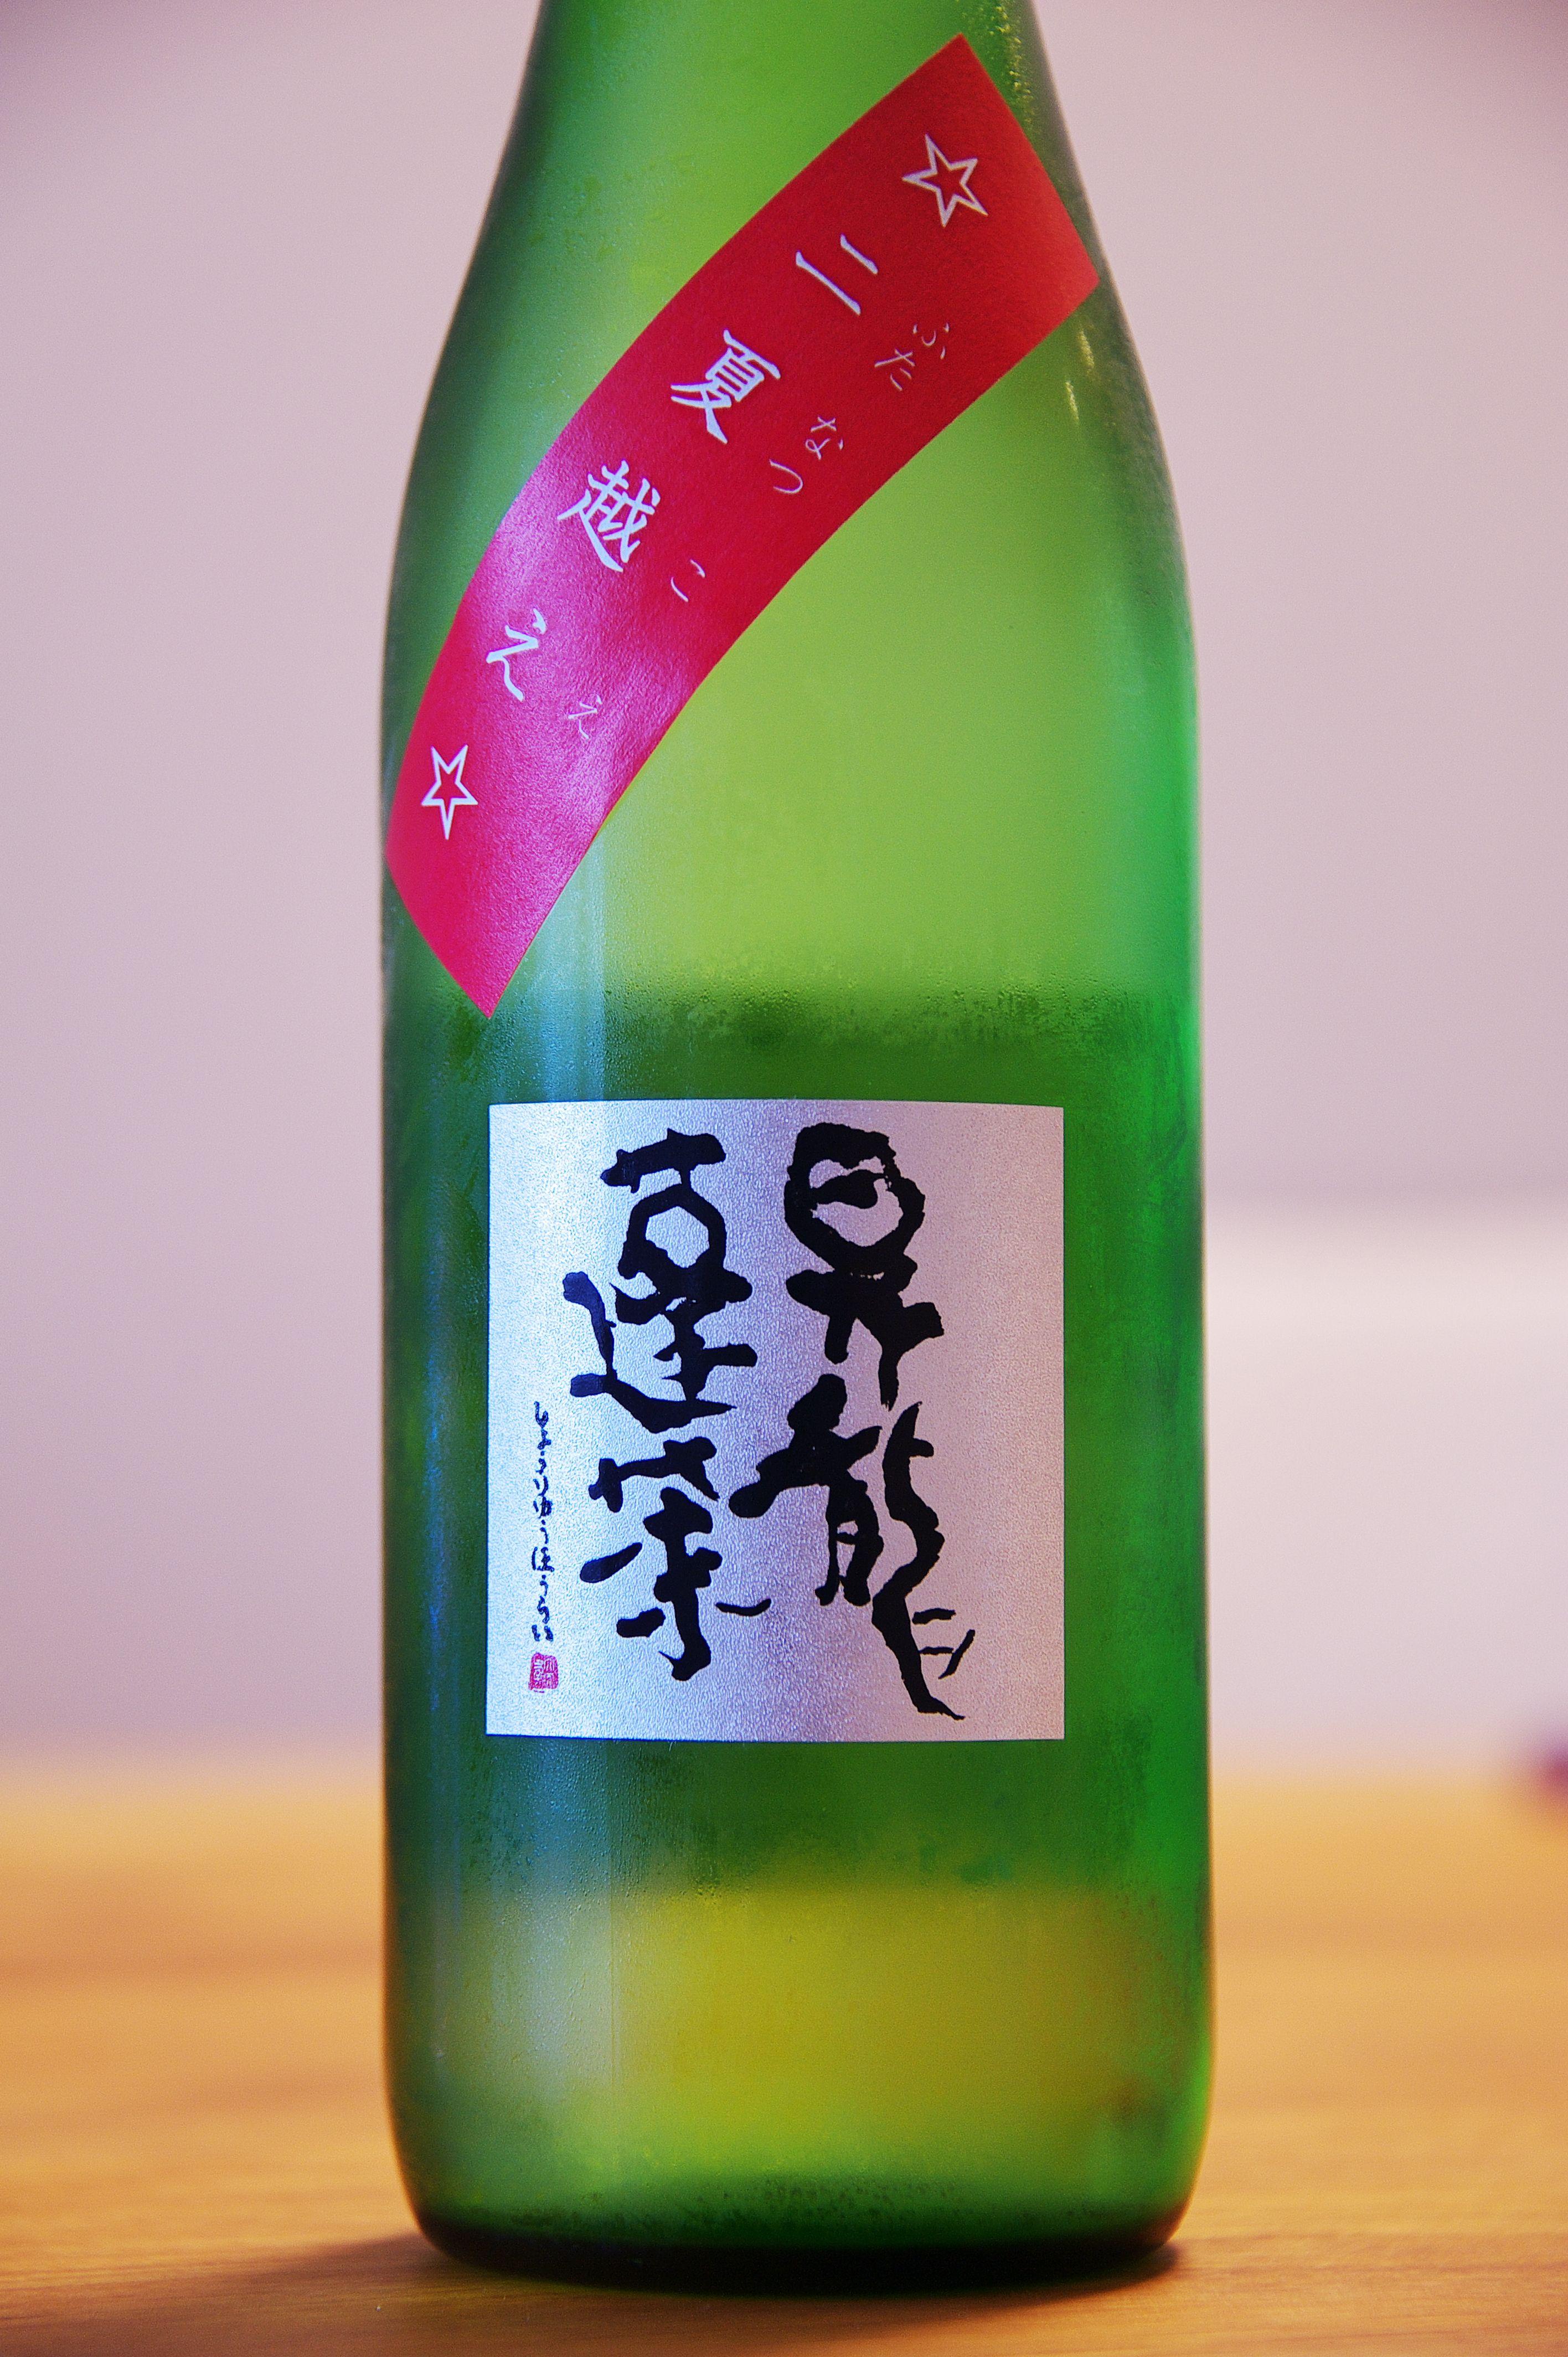 shouryuhourai hutanatsugoe sake 昇龍蓬莱 純米吟醸 山田錦 60 二夏越え 日本酒